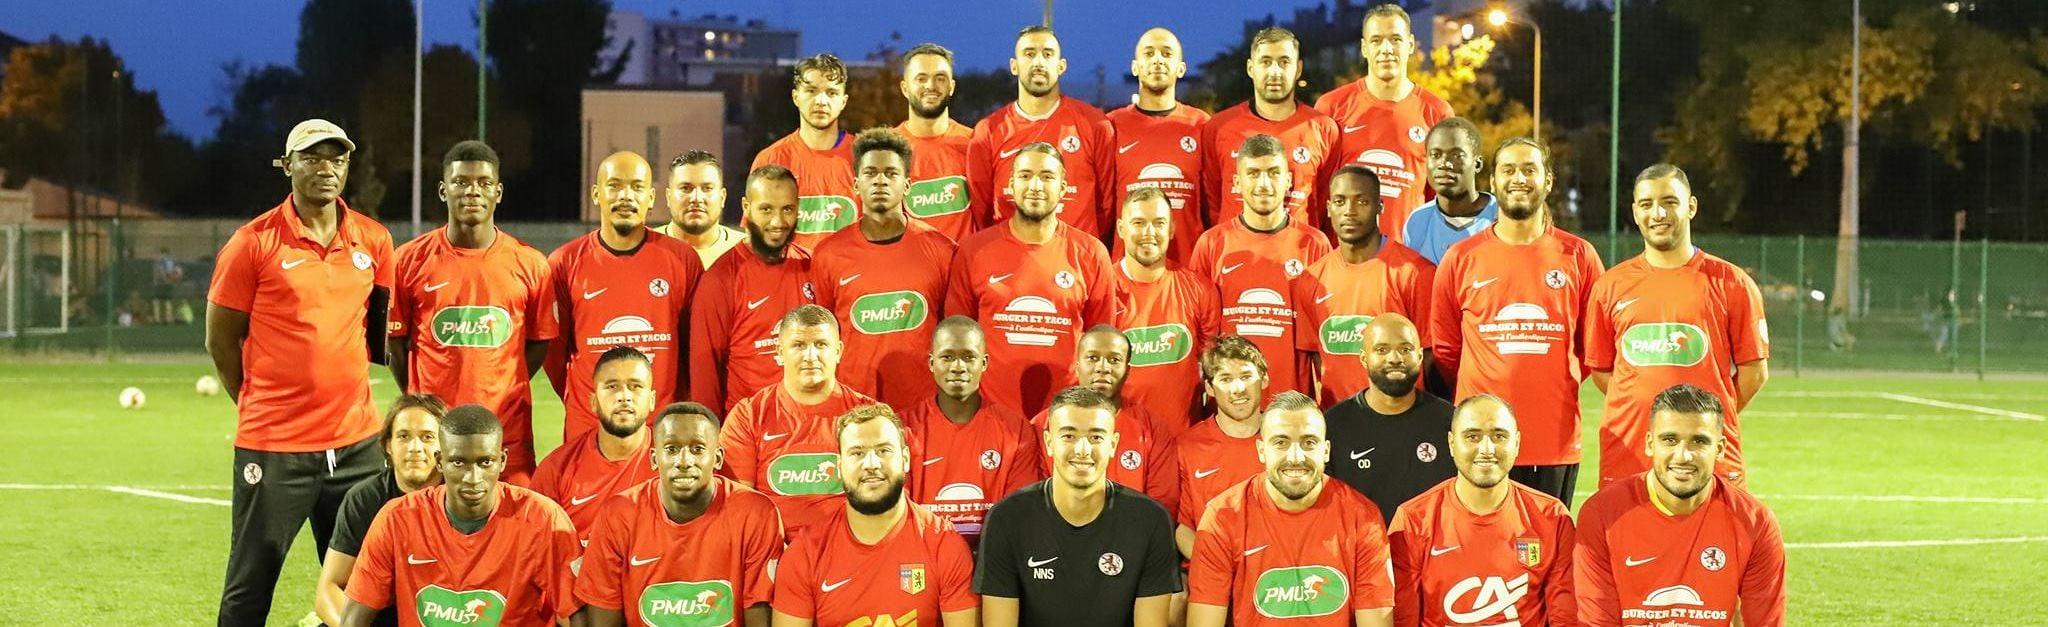 Entente Sportive Trinite Lyon